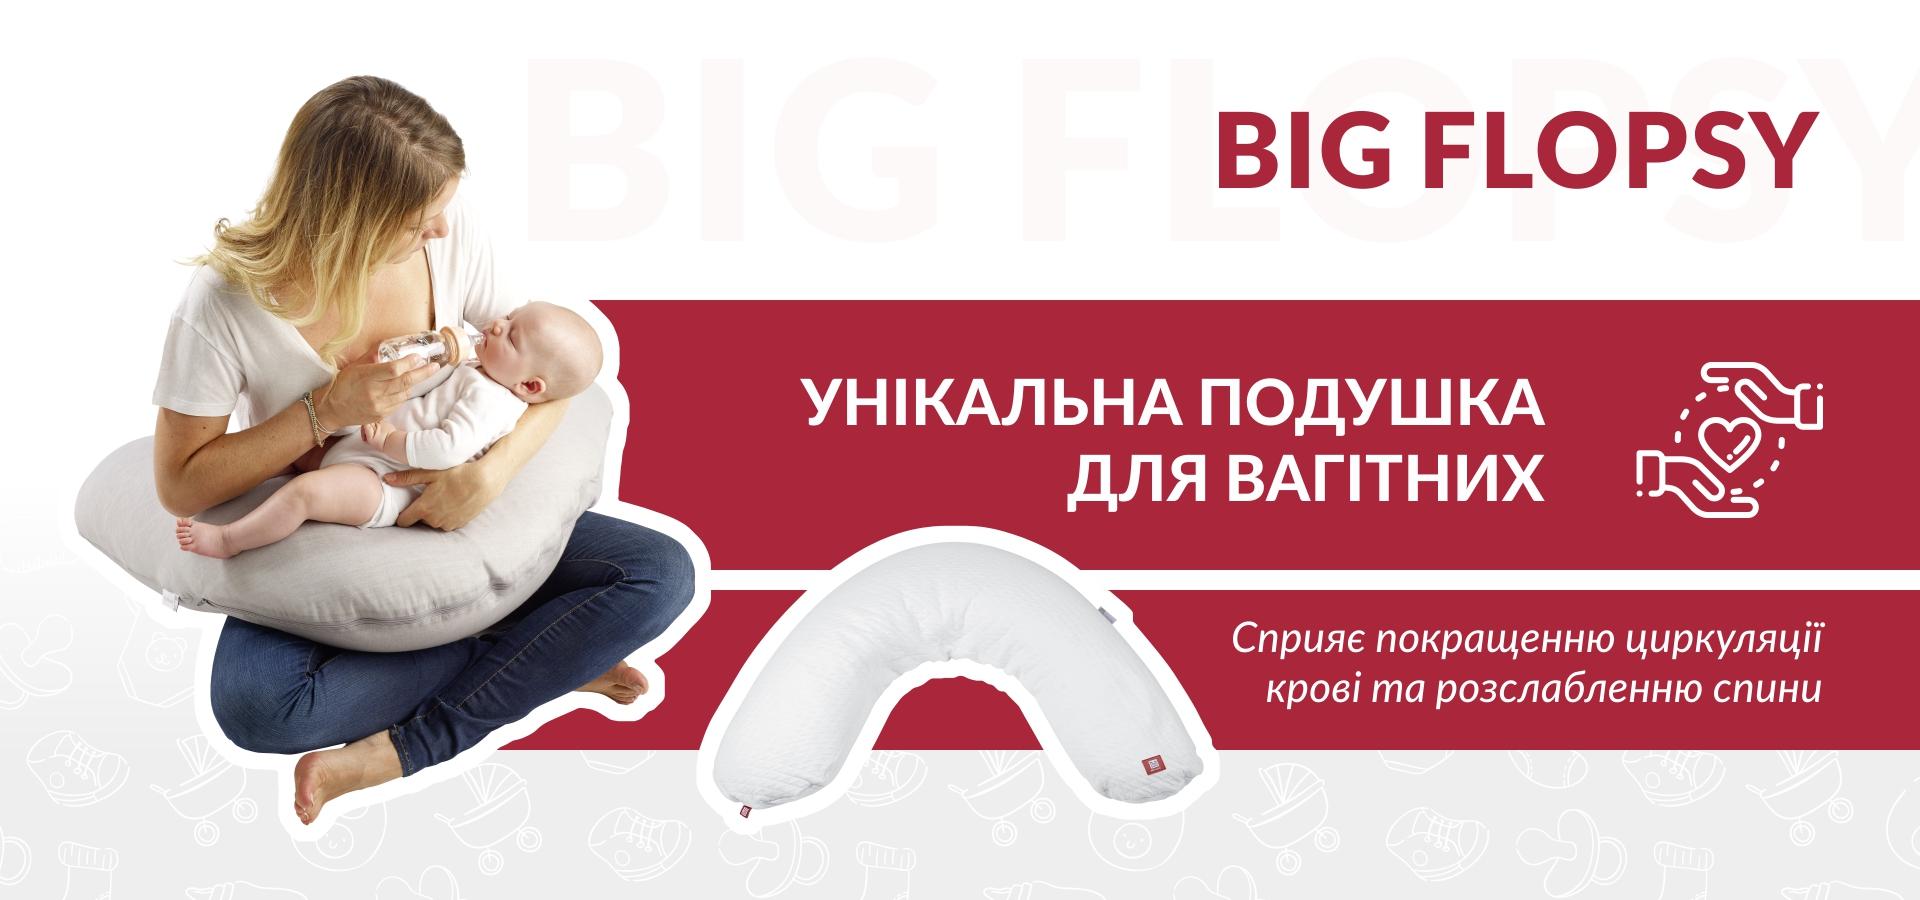 Big flopsy